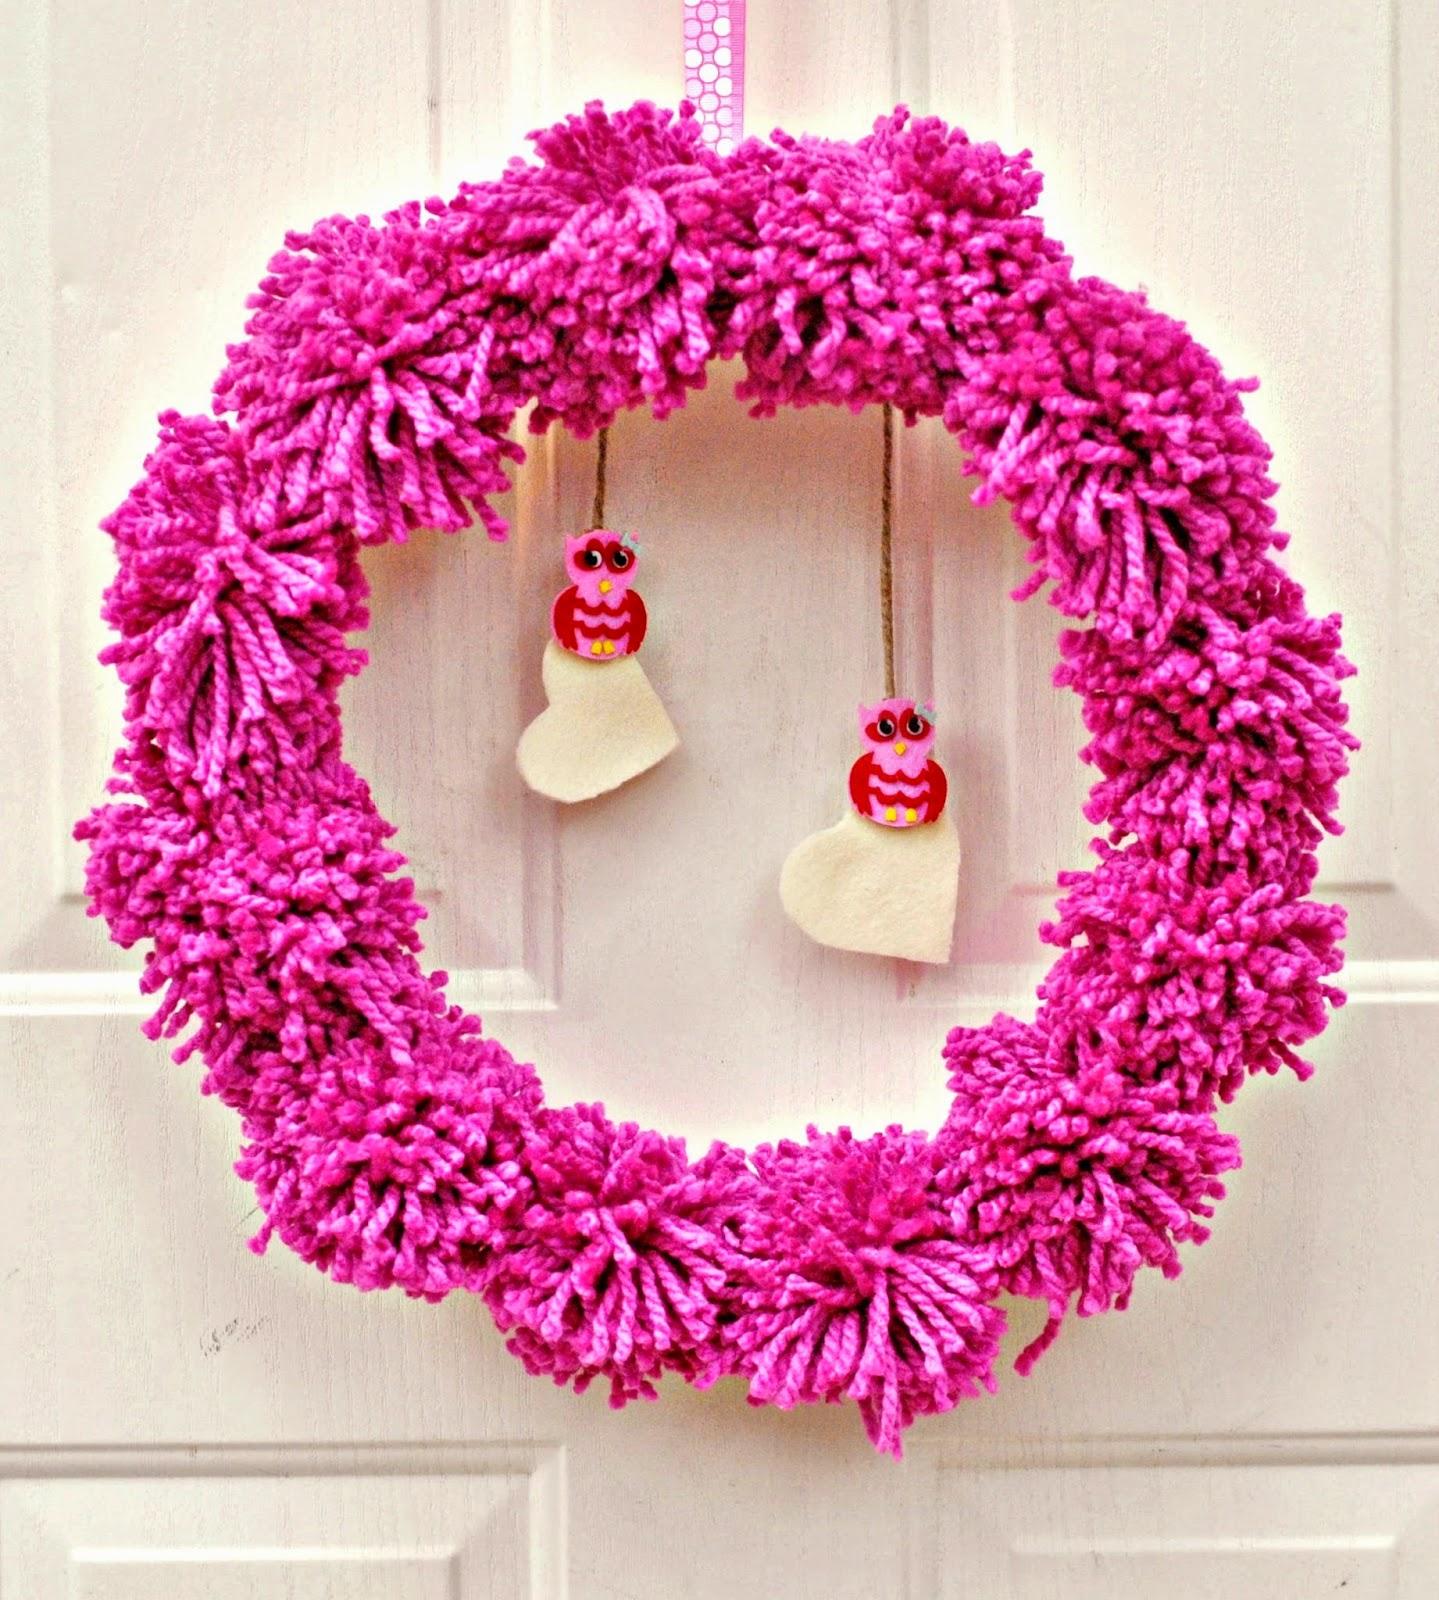 Life With 4 Boys: DIY Pom Pom Valentine's Day Wreath